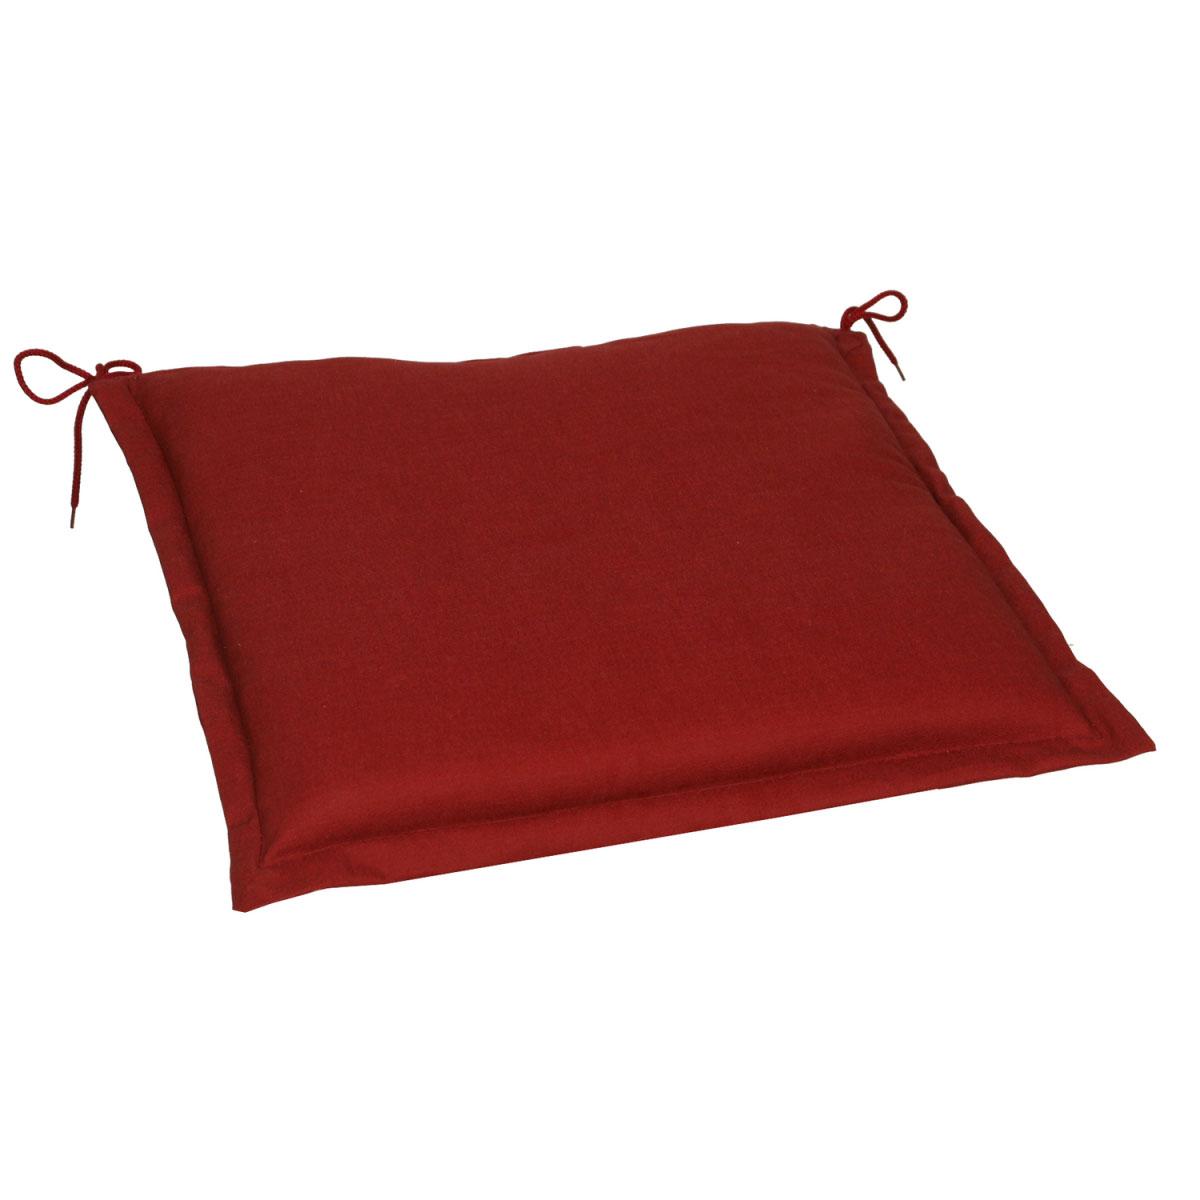 """Truhen und Auflagen - Kissen """"Dora 20323"""", 45x47x5 cm, rot rot  - Onlineshop Hellweg"""